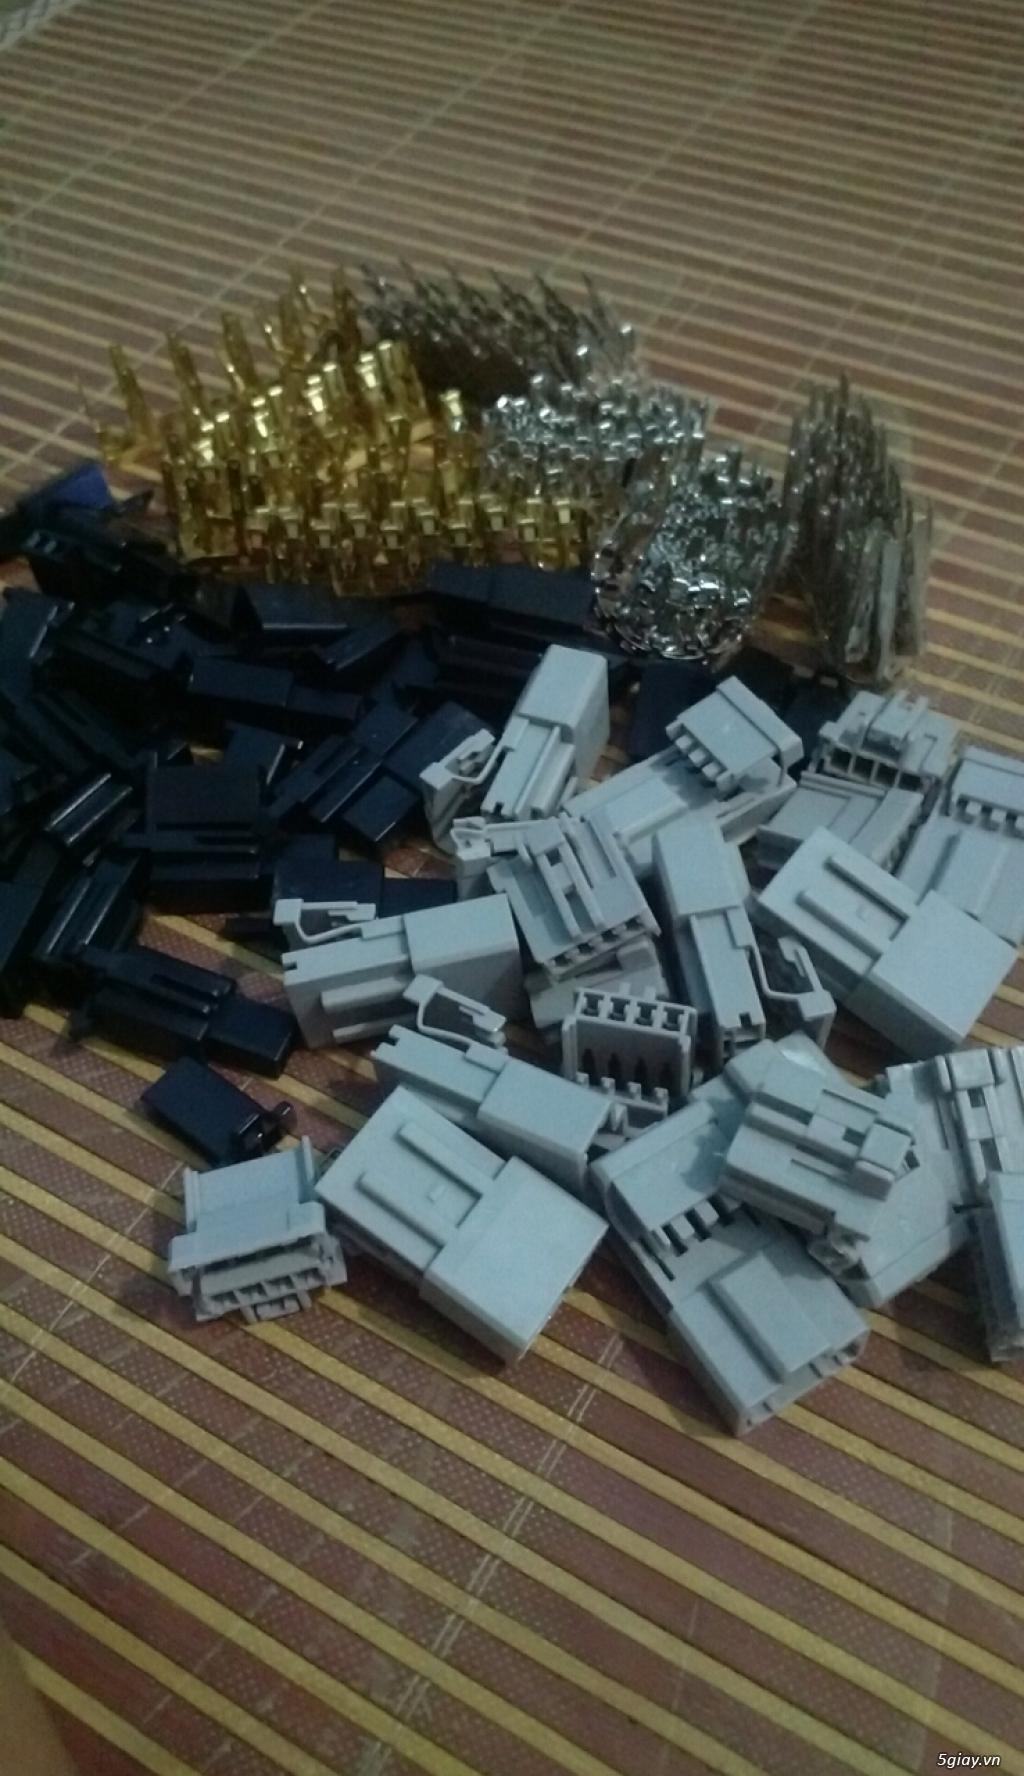 Chuyên lắp đặt ổ khóa smartkey honda chính hãng cho tất cả các dòng xe